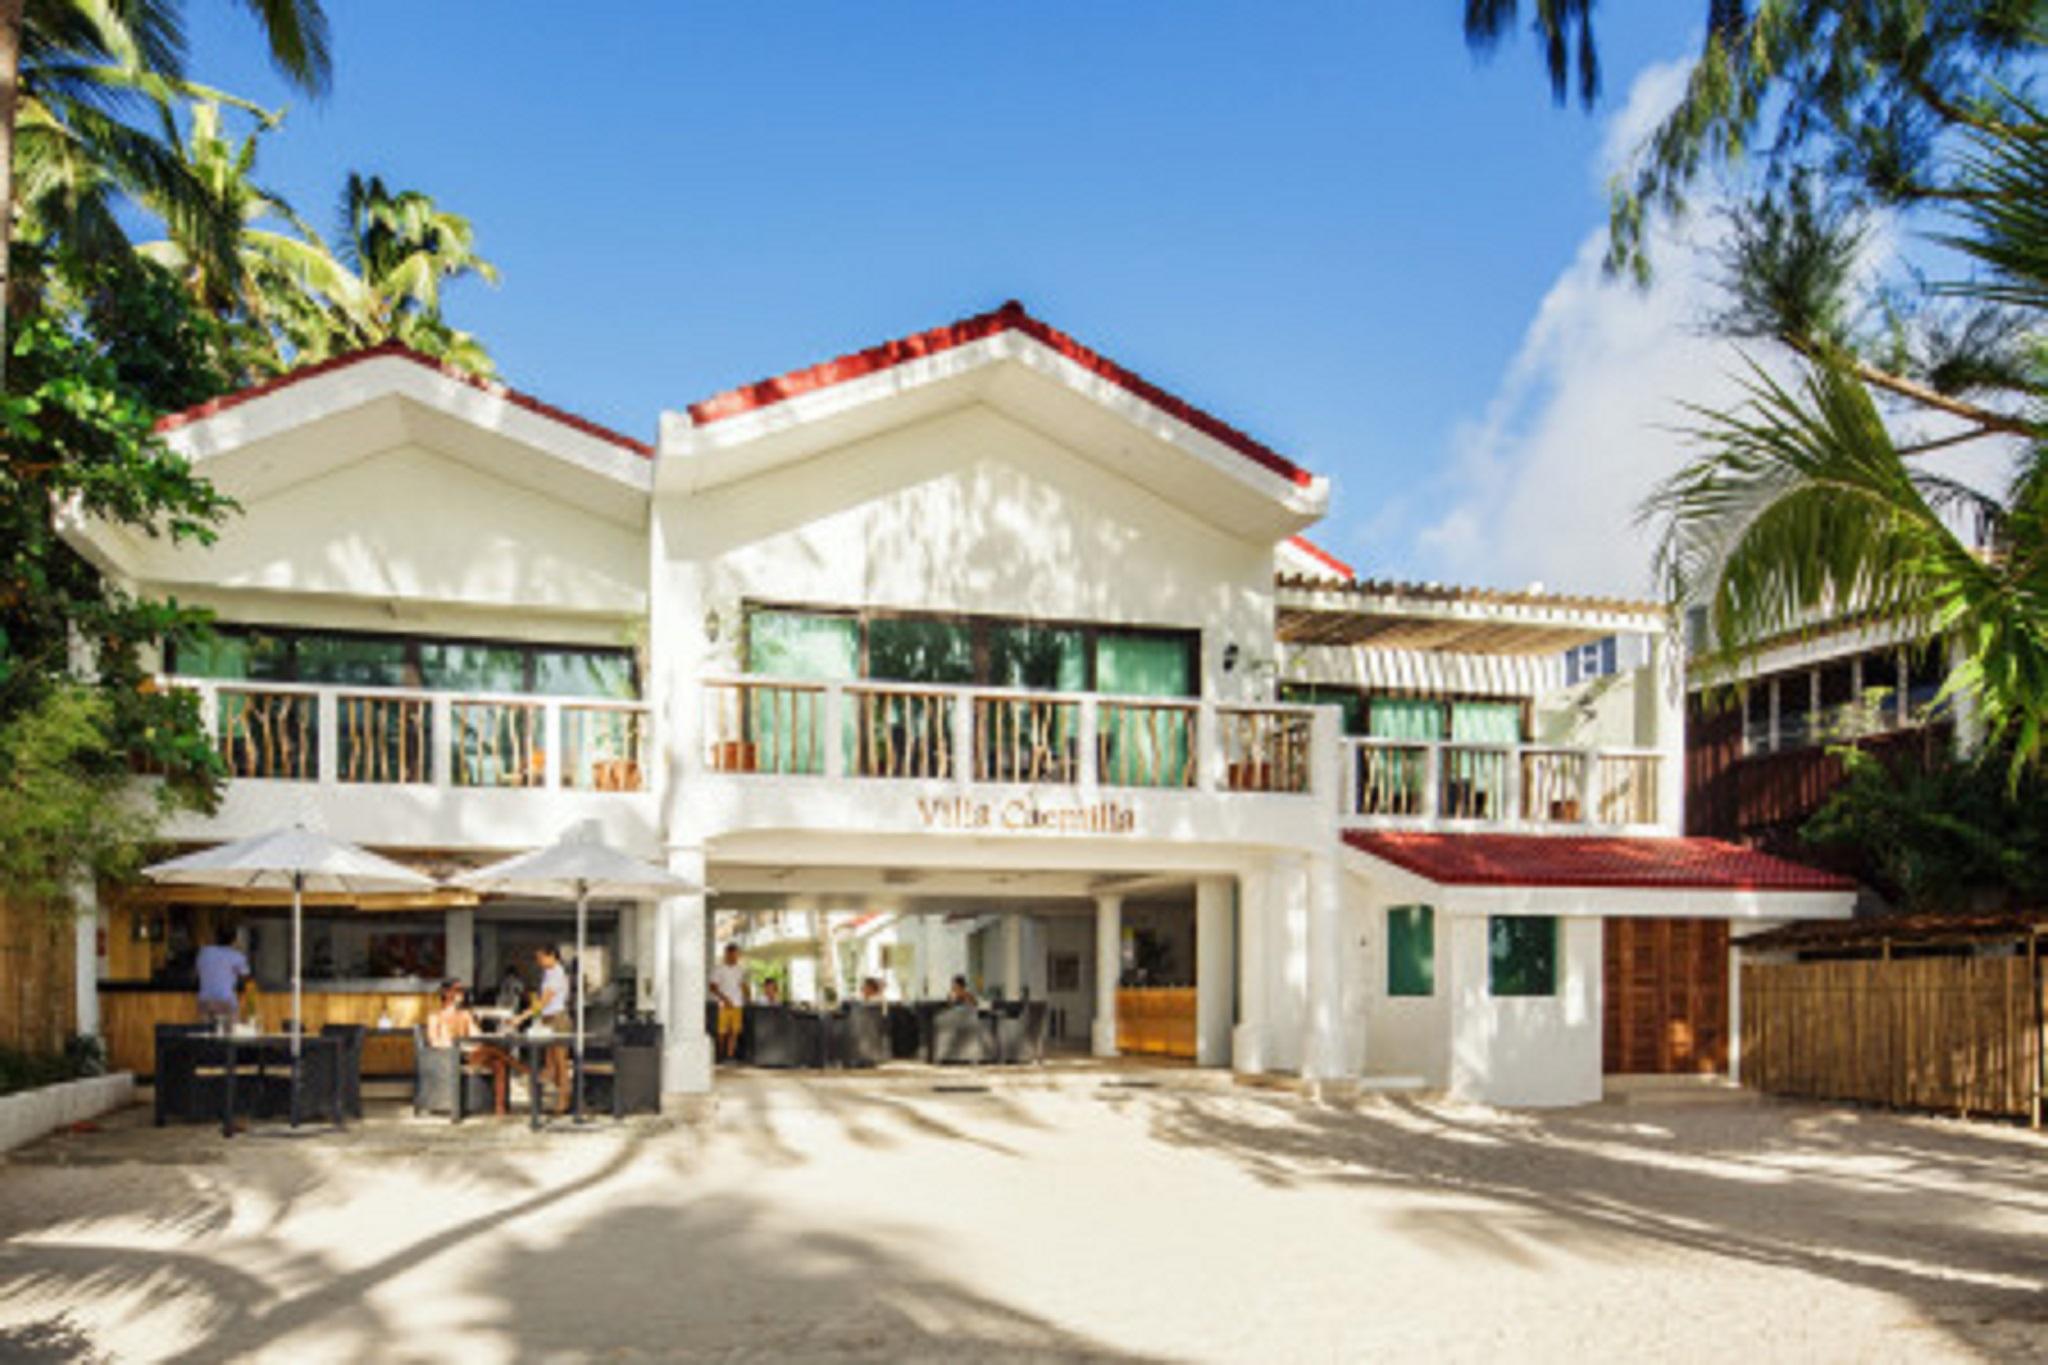 Villa Caemilla Beach Boutique Hotel, Malay